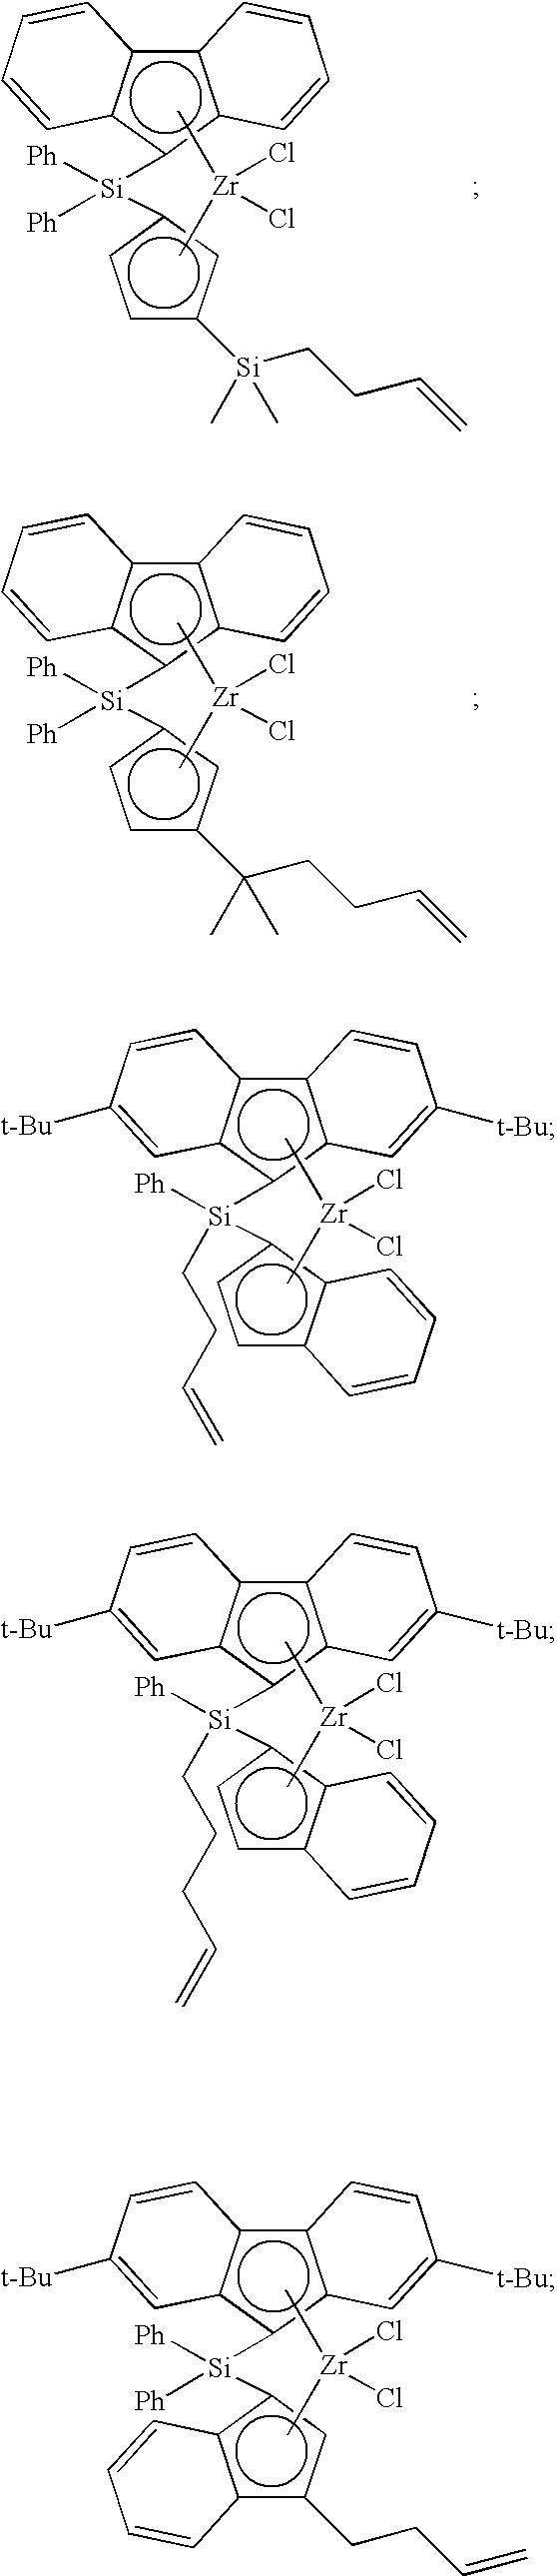 Figure US08329834-20121211-C00017